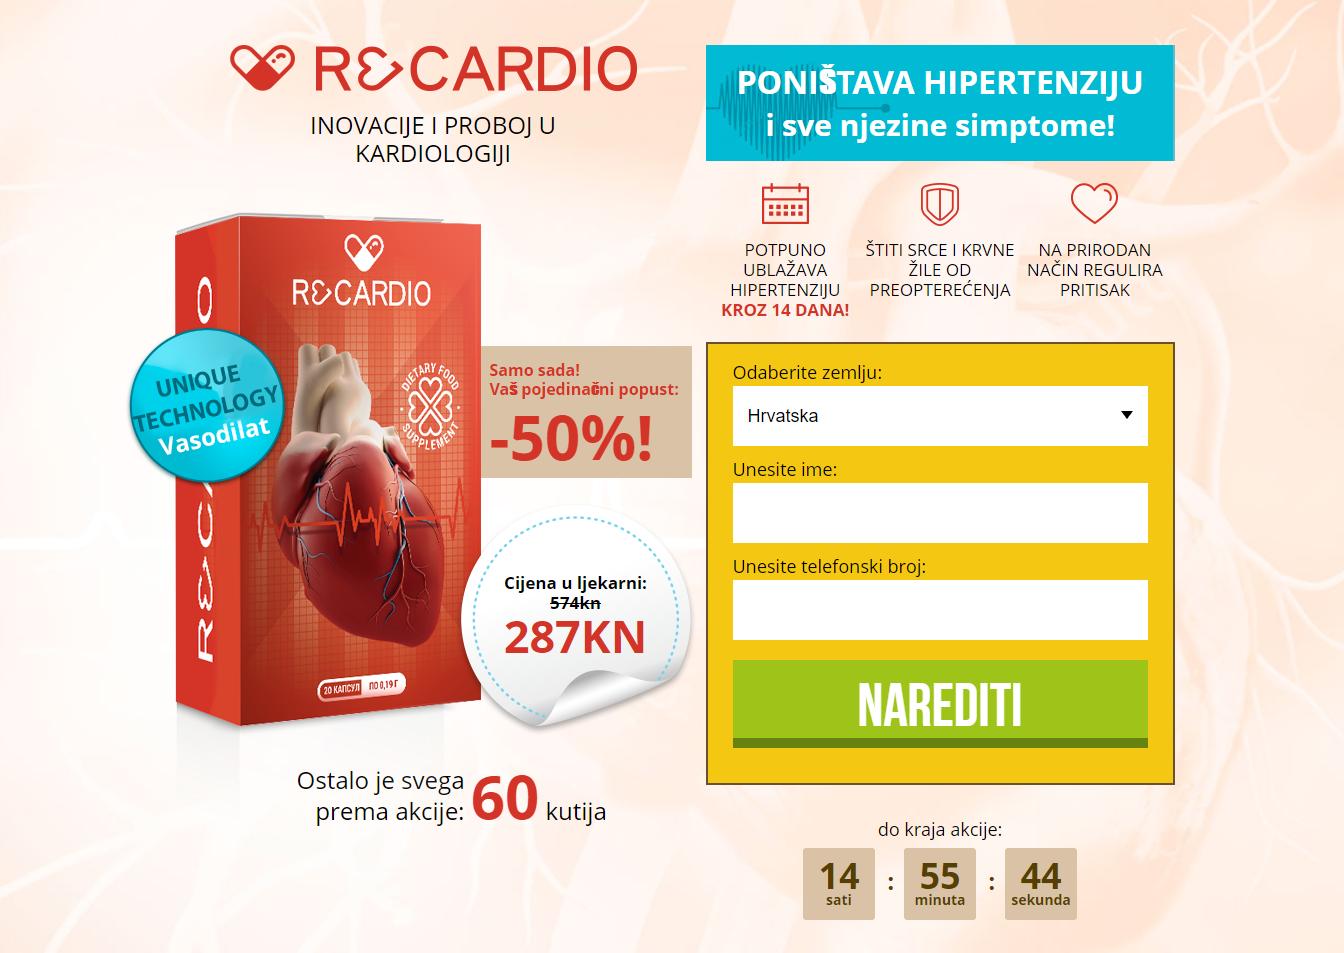 hipertenzija može izliječiti zauvijek hipertenzija je bolest koja sustava